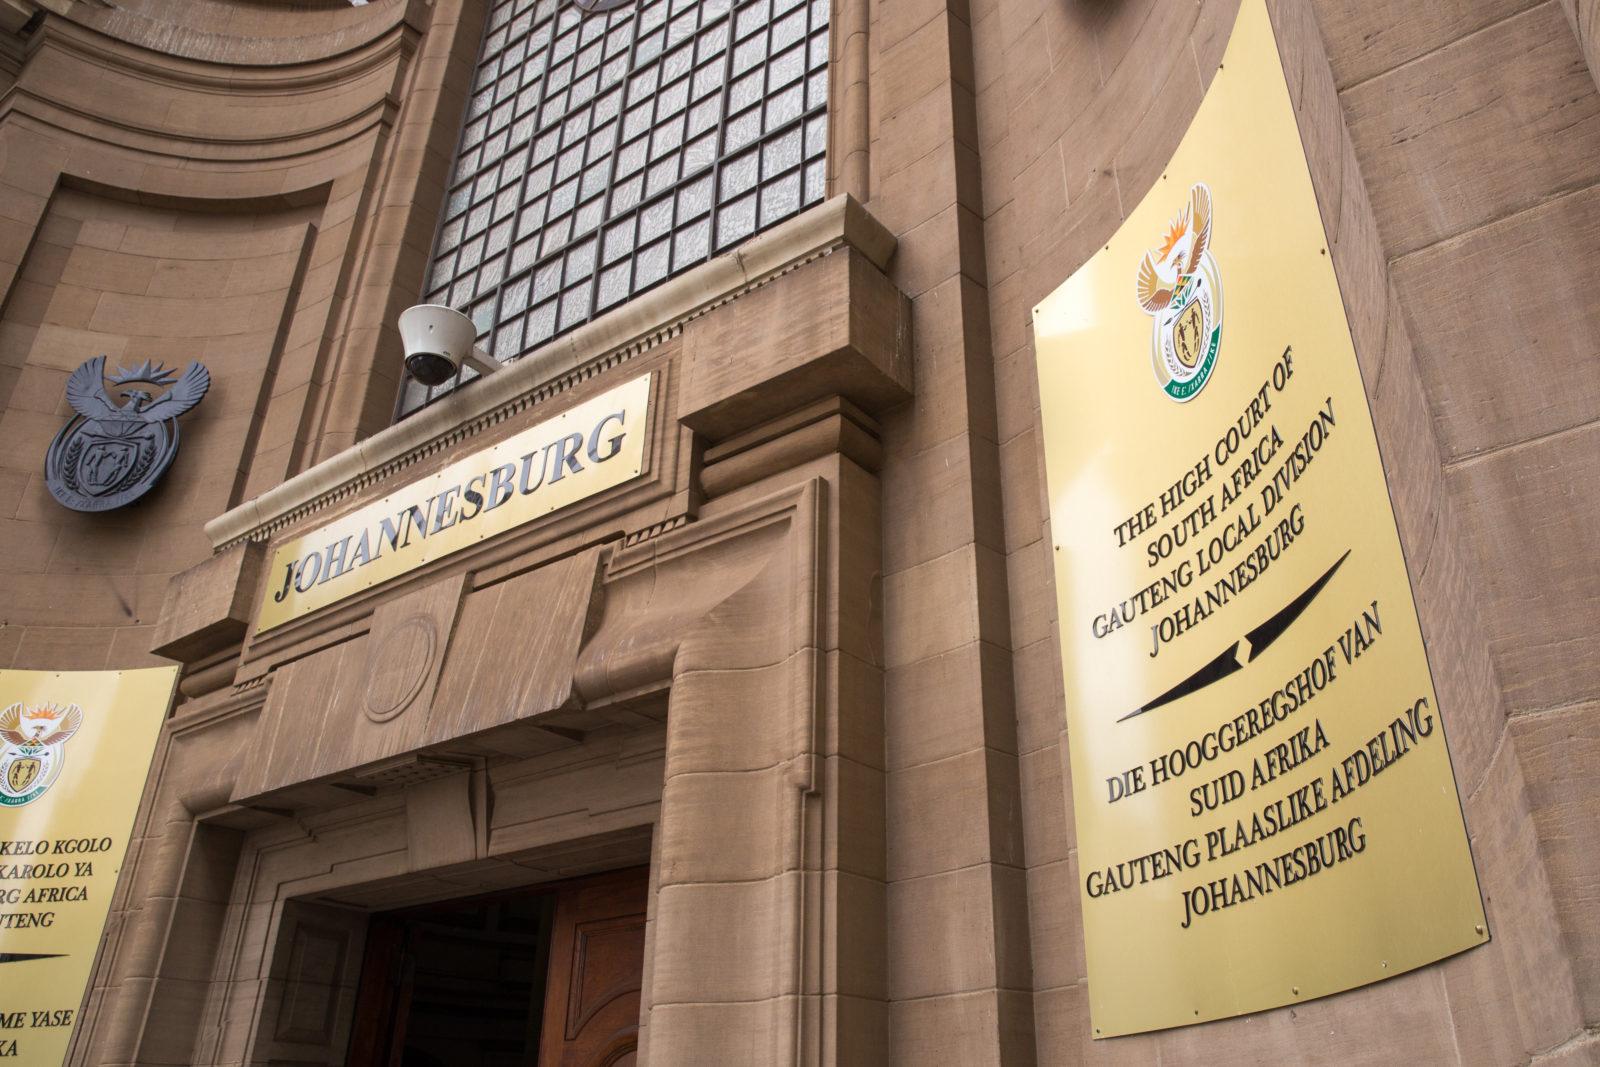 Joburg_HighCourt-9137HR-1600x1067 Telefax Application Form High Court Gauteng on